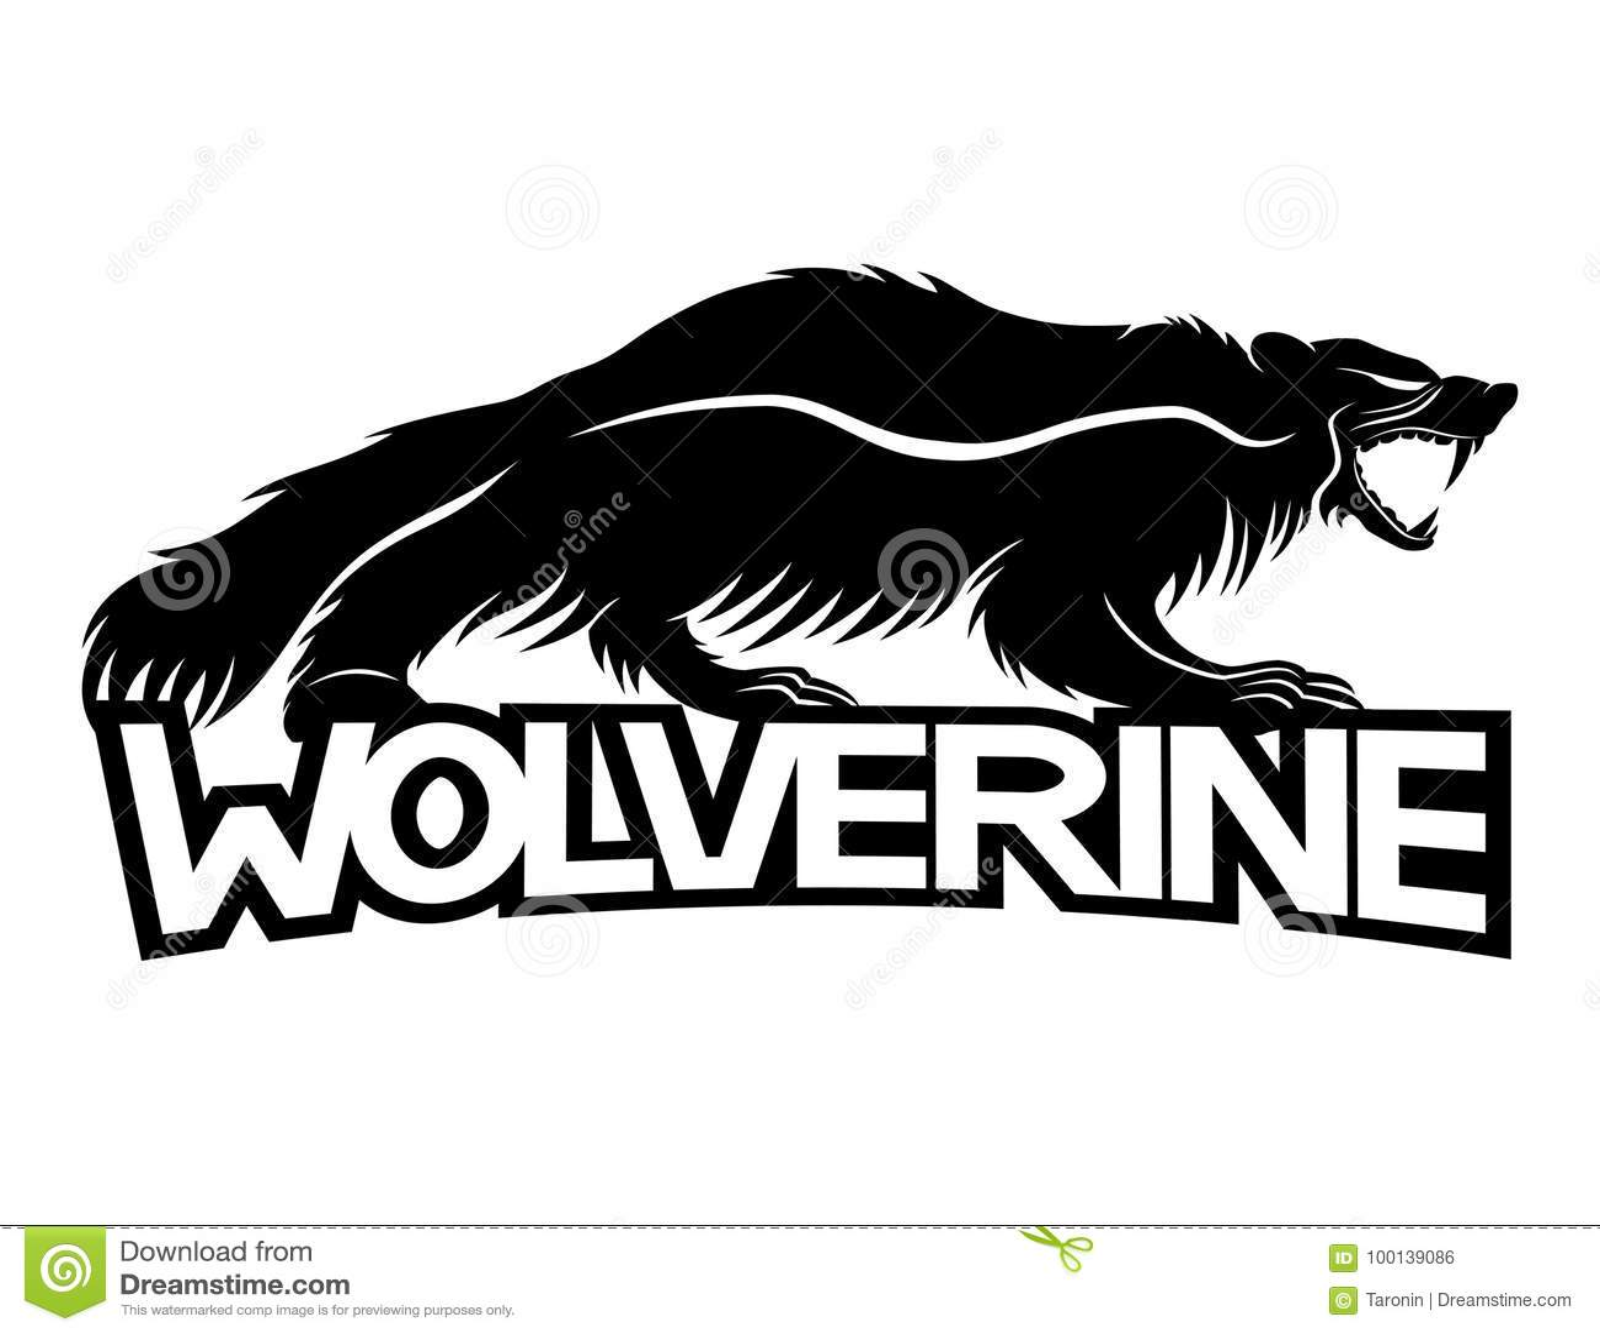 Wolverine dierlijk teken